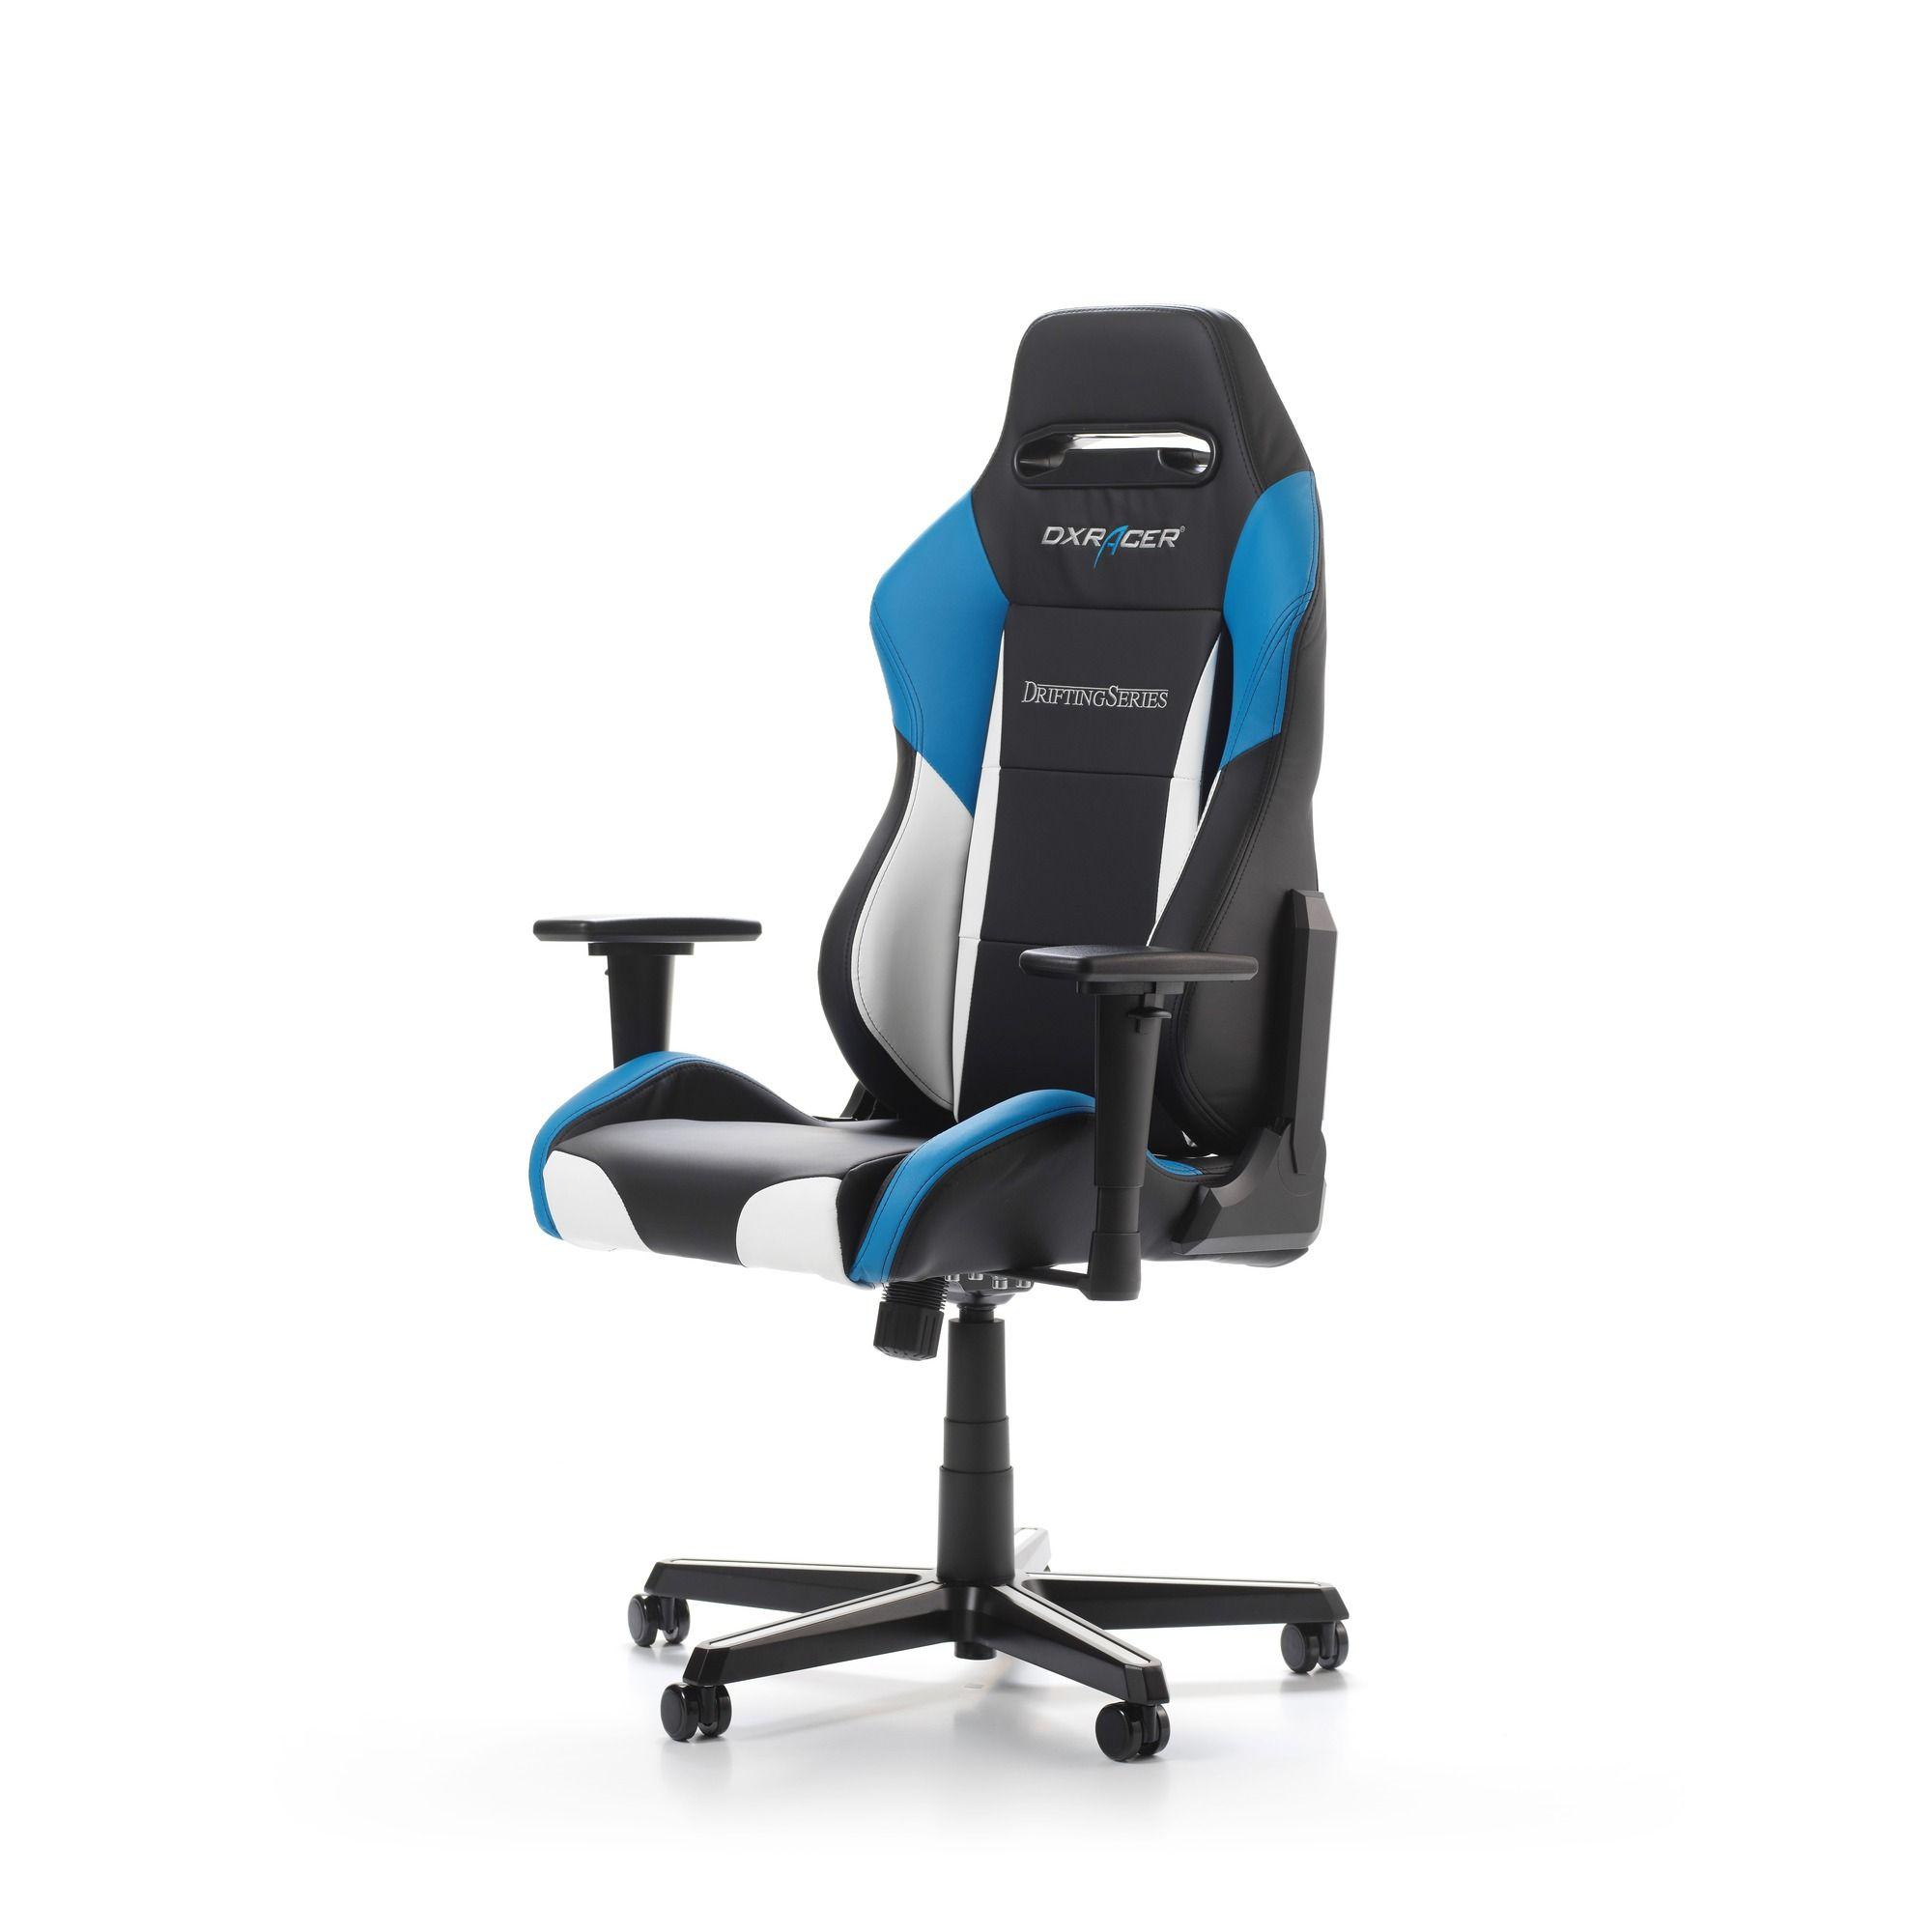 Геймърски стол DXRacer - серия DRIFTING, черен/бял/син - OH/DM61/NWB - 11